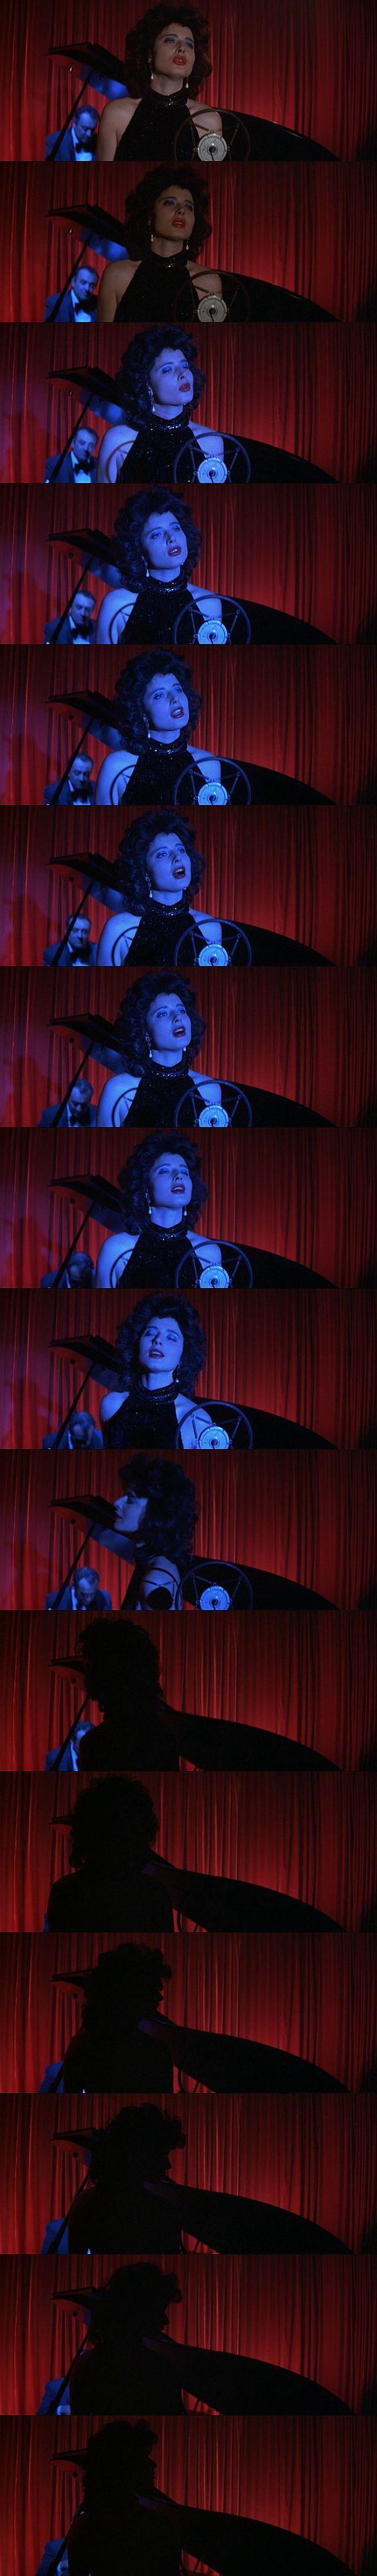 Blue Velvet - David Lynch film stills   This movie woos me in such a way. I love it.